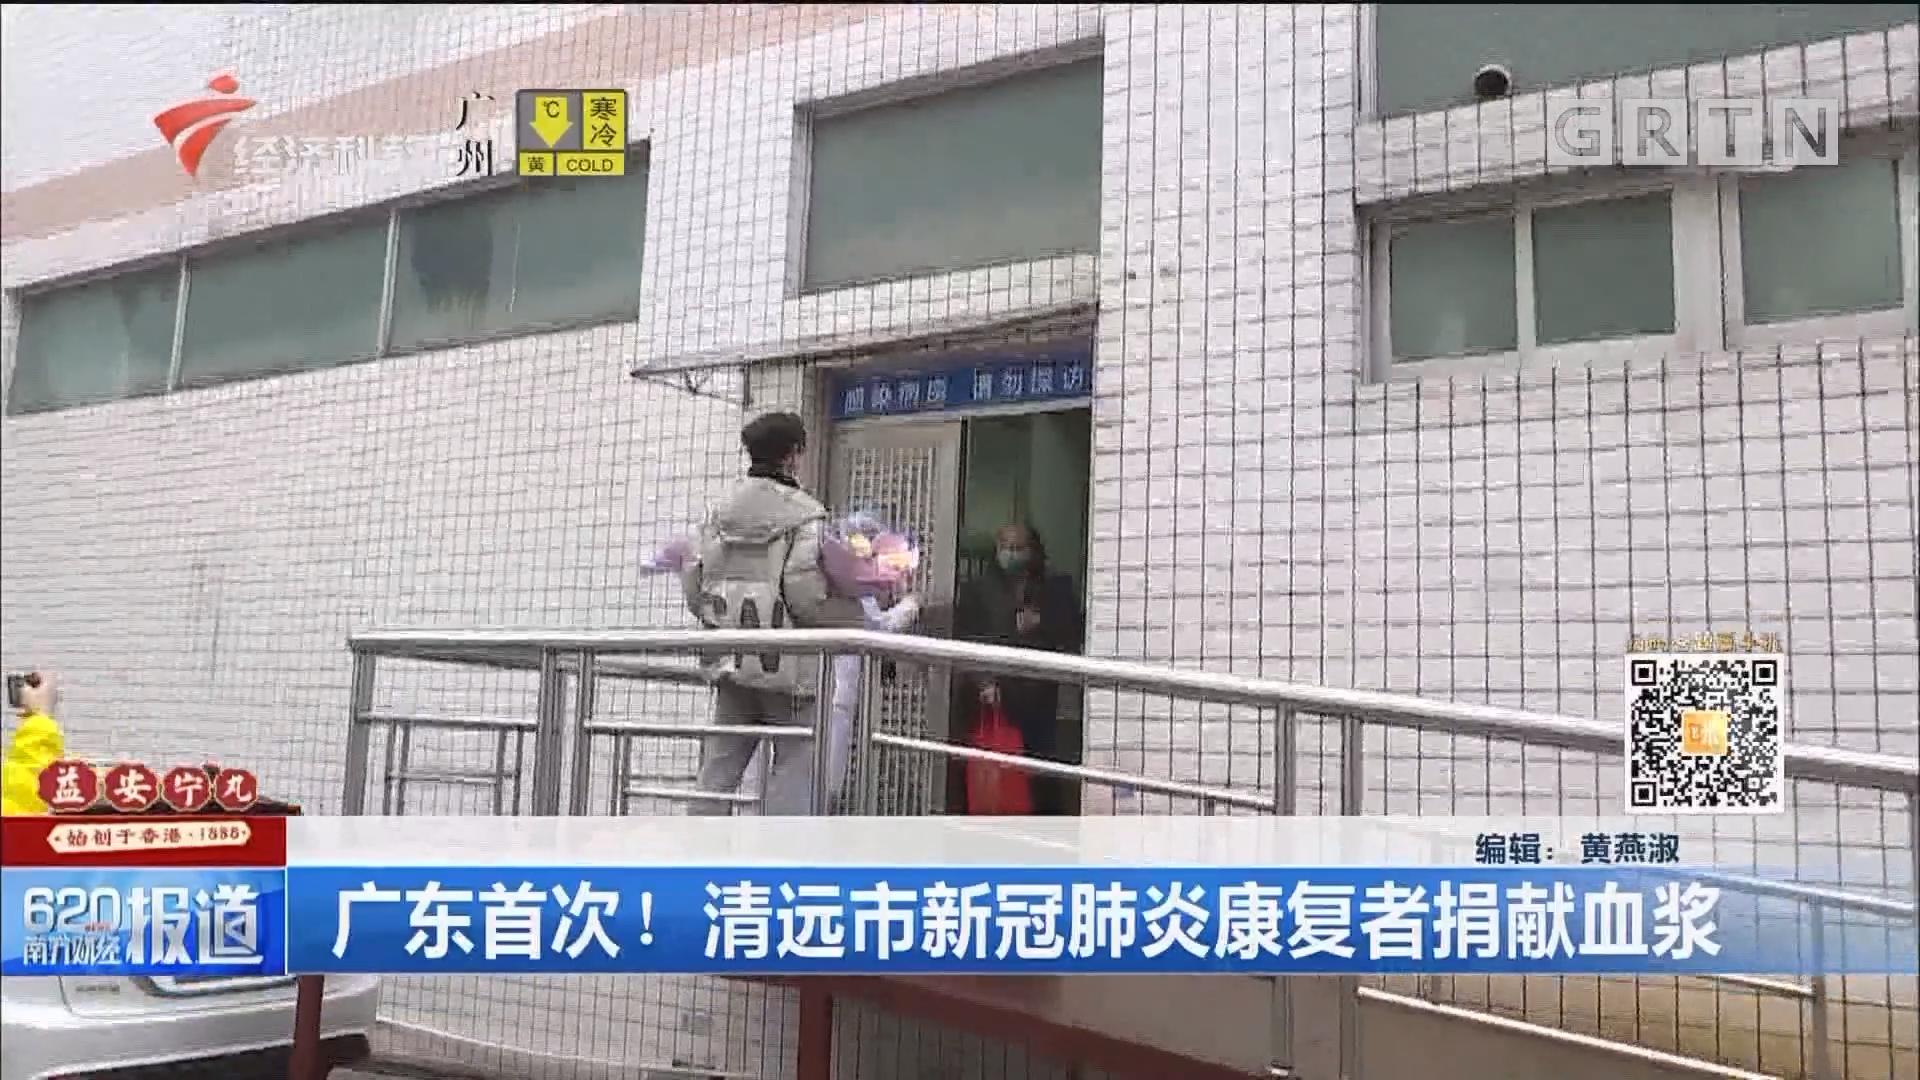 廣東首次!清遠市新冠肺炎康復者捐獻血漿